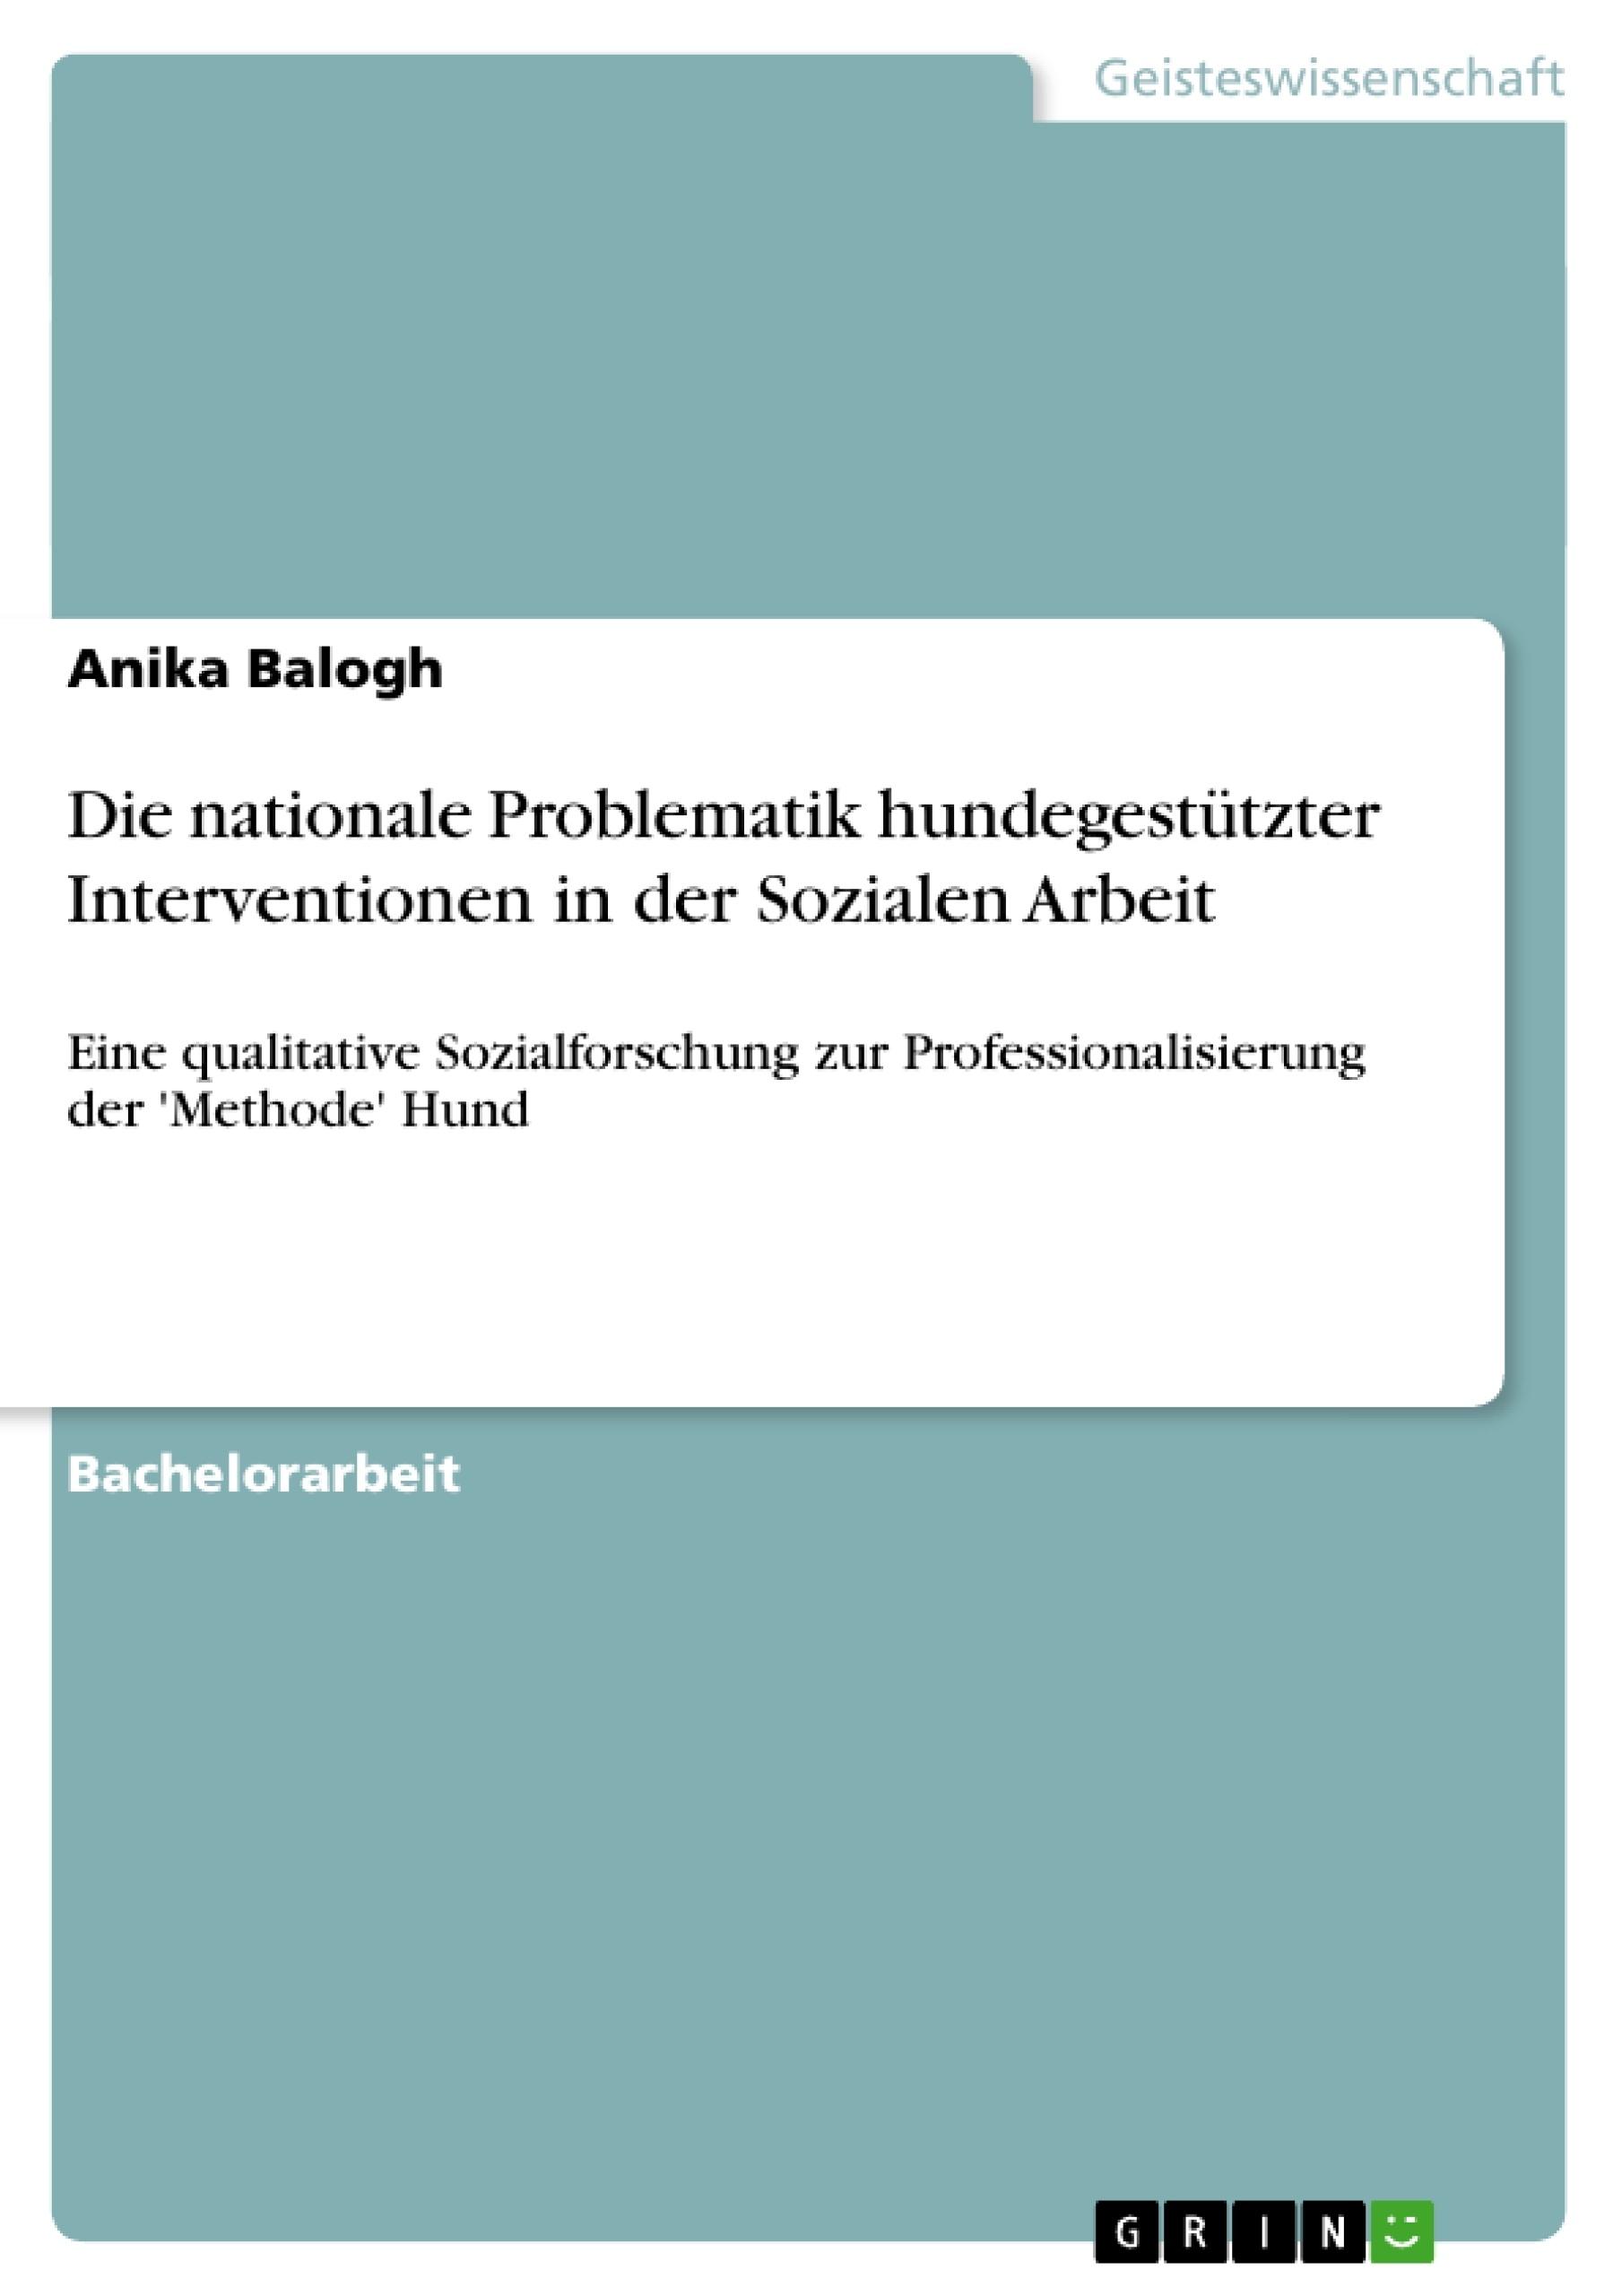 Titel: Die nationale Problematik hundegestützter Interventionen in der Sozialen Arbeit